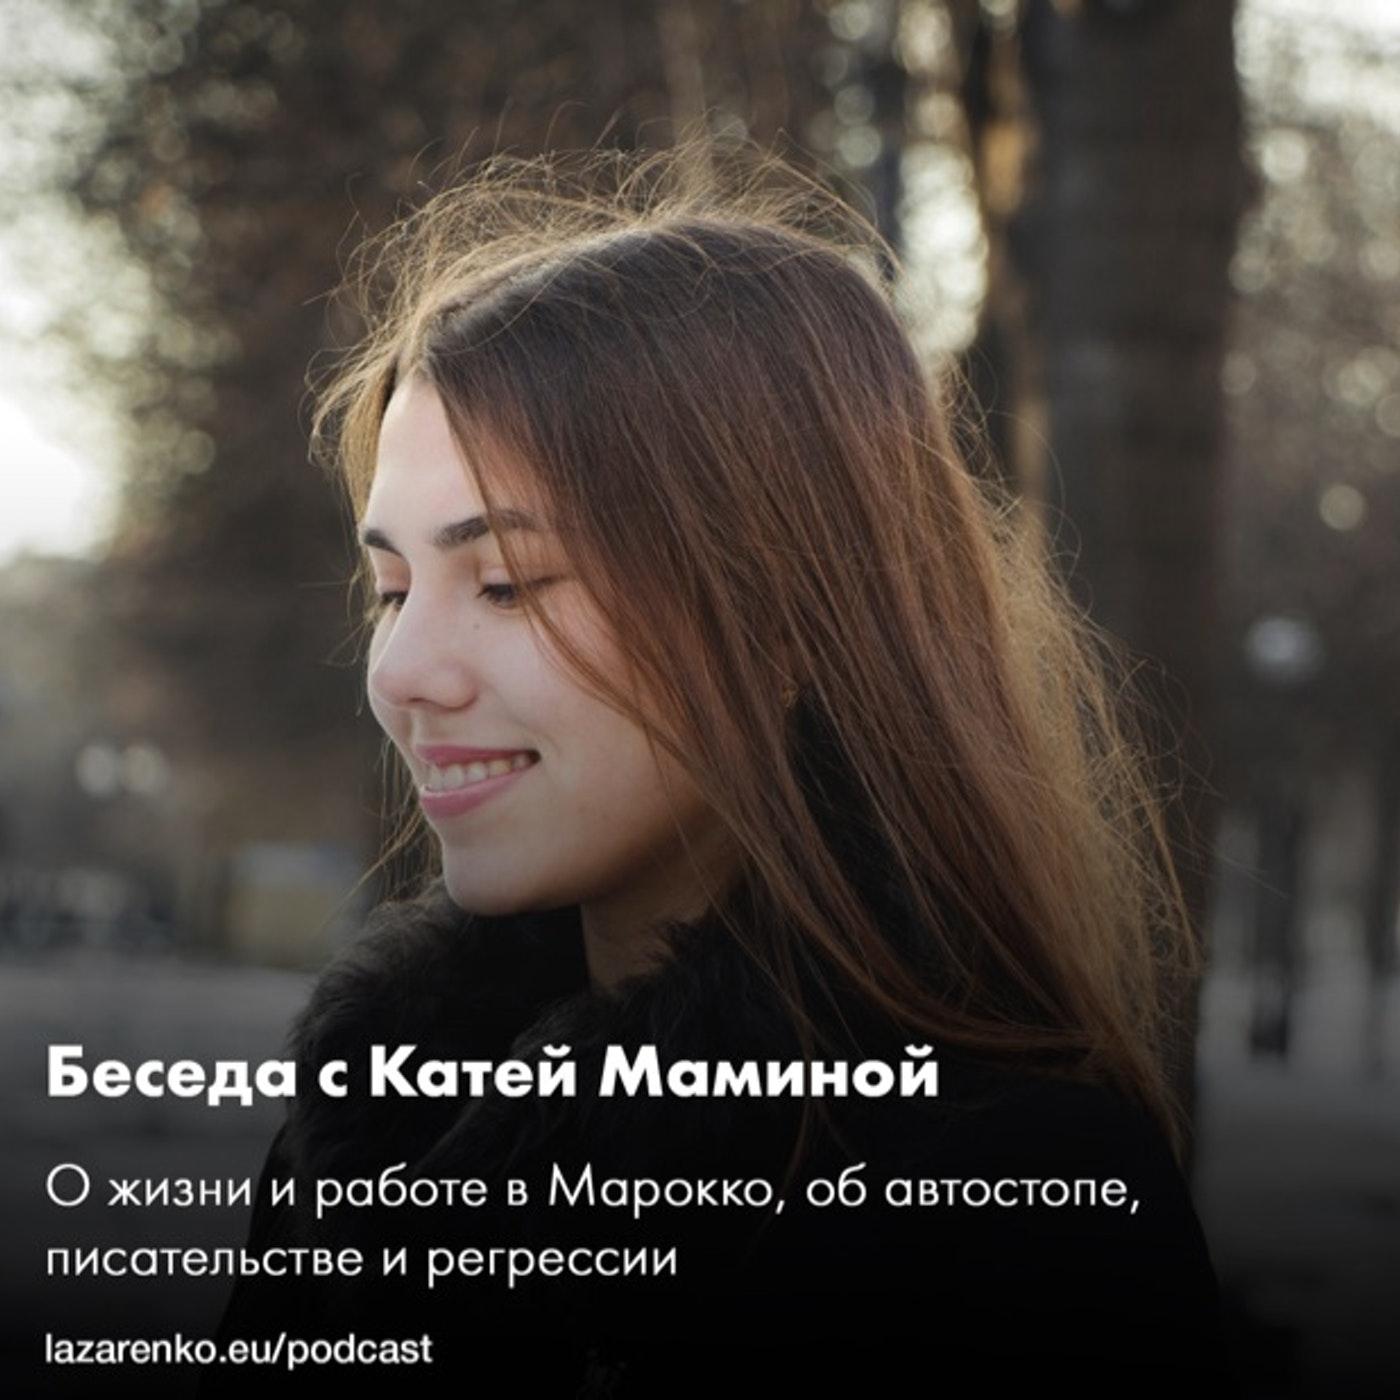 02 Беседа с Катей Маминой, писательницей и путешественницей